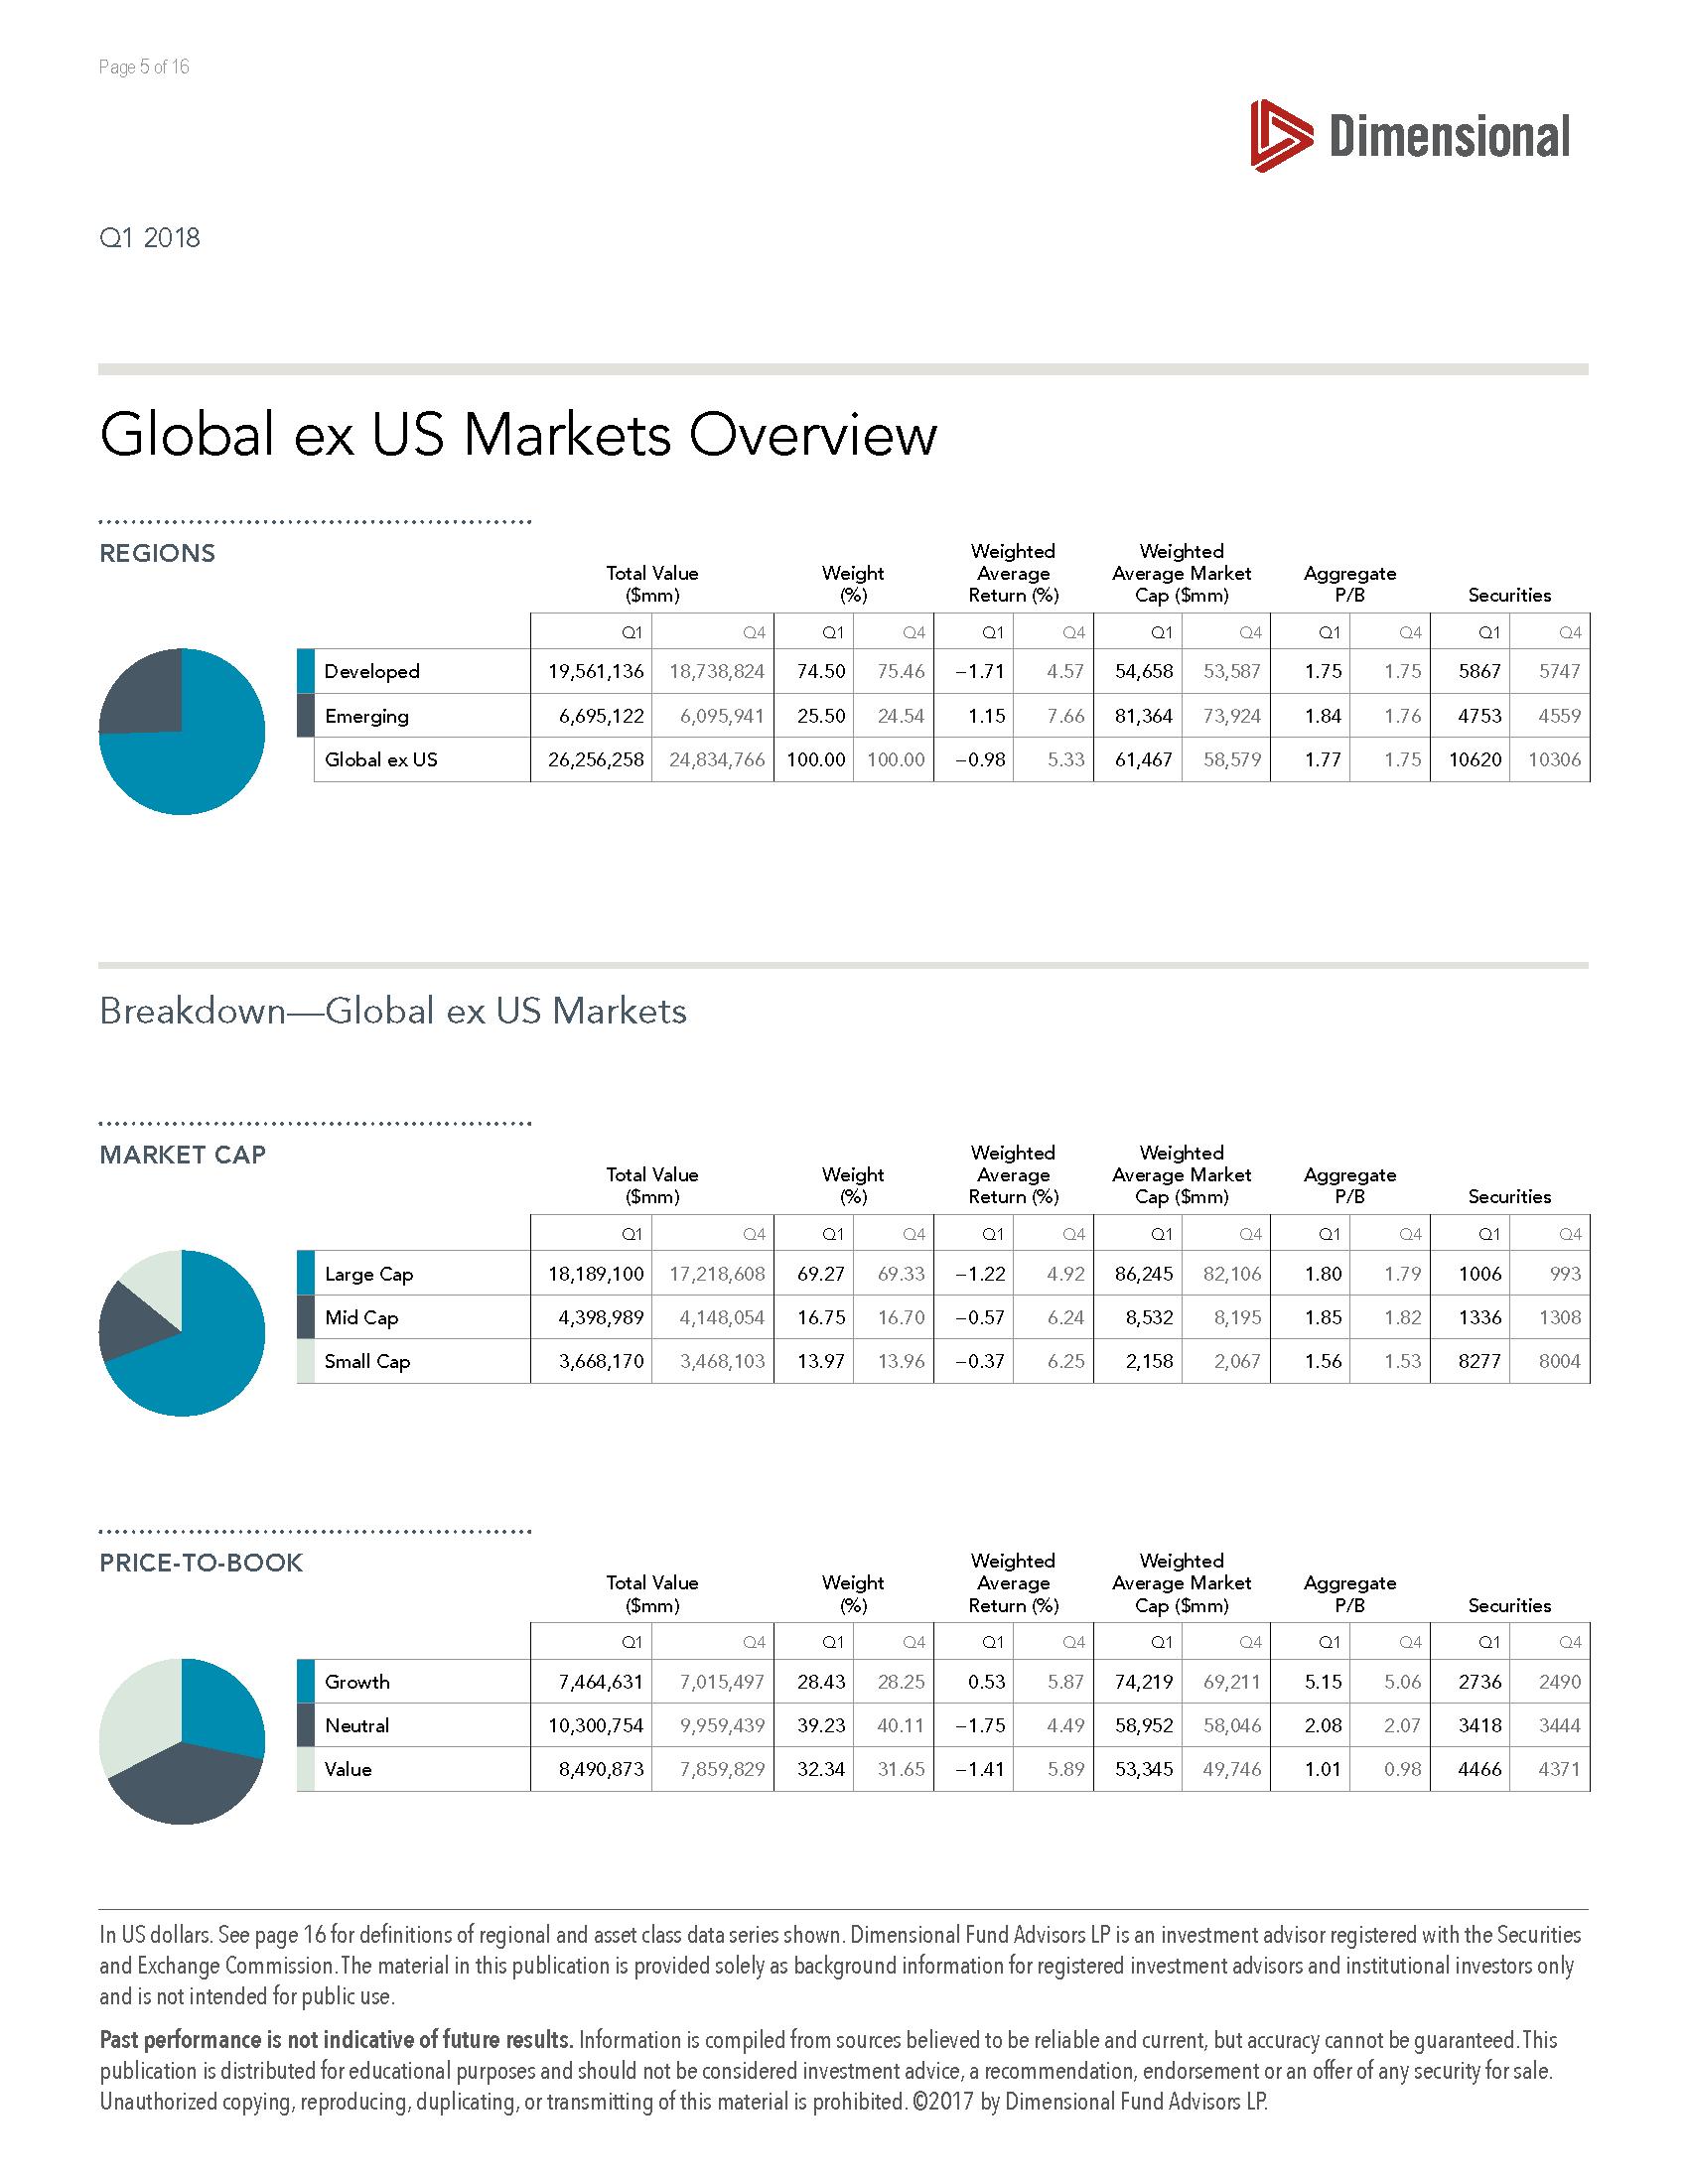 Global Market Breakdown - Q1 2018_Page_05